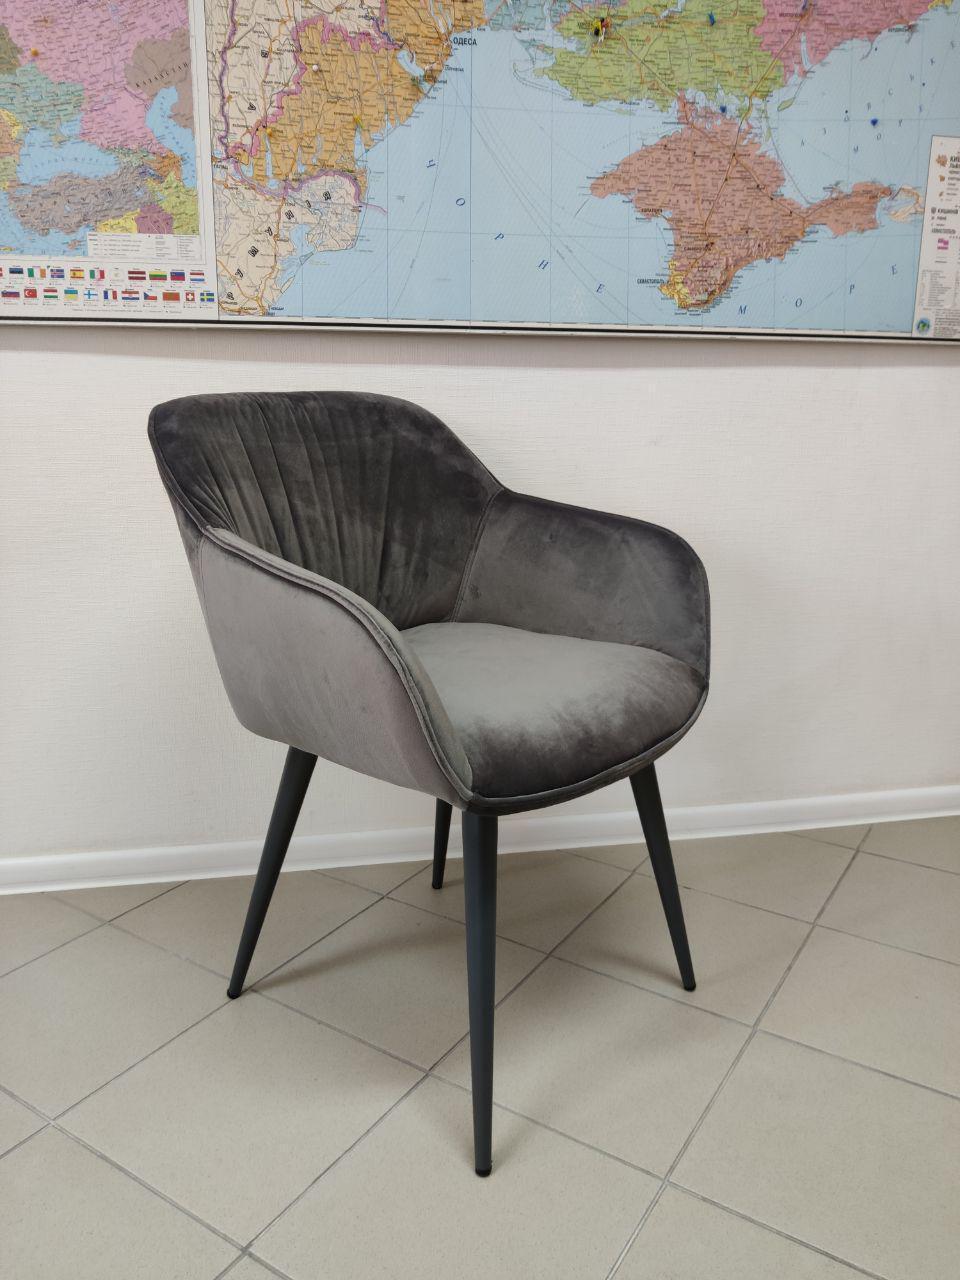 Обідній крісло CARINTHIA (Карінтія) сірий велюр від Nicolas